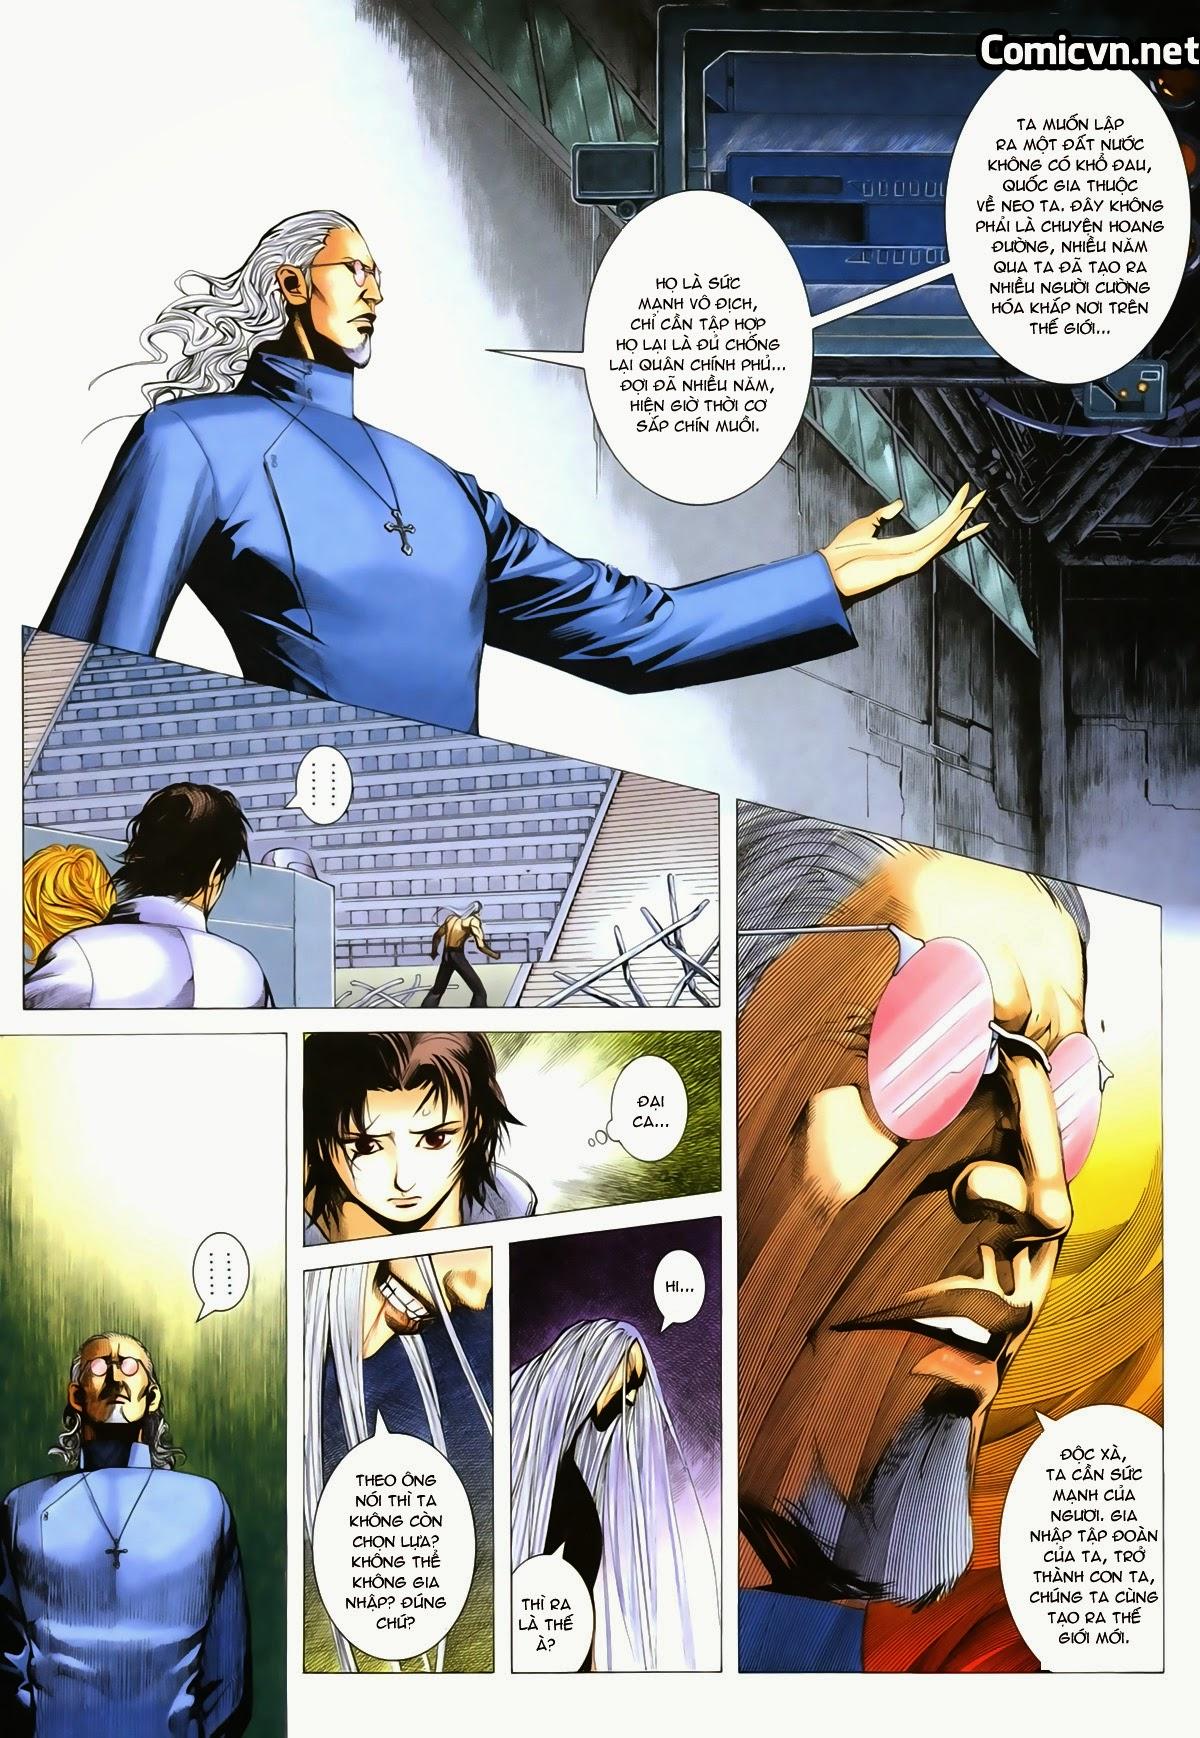 Tuyệt Địa Thiên Hành chap 8 Trang 5 - Mangak.info